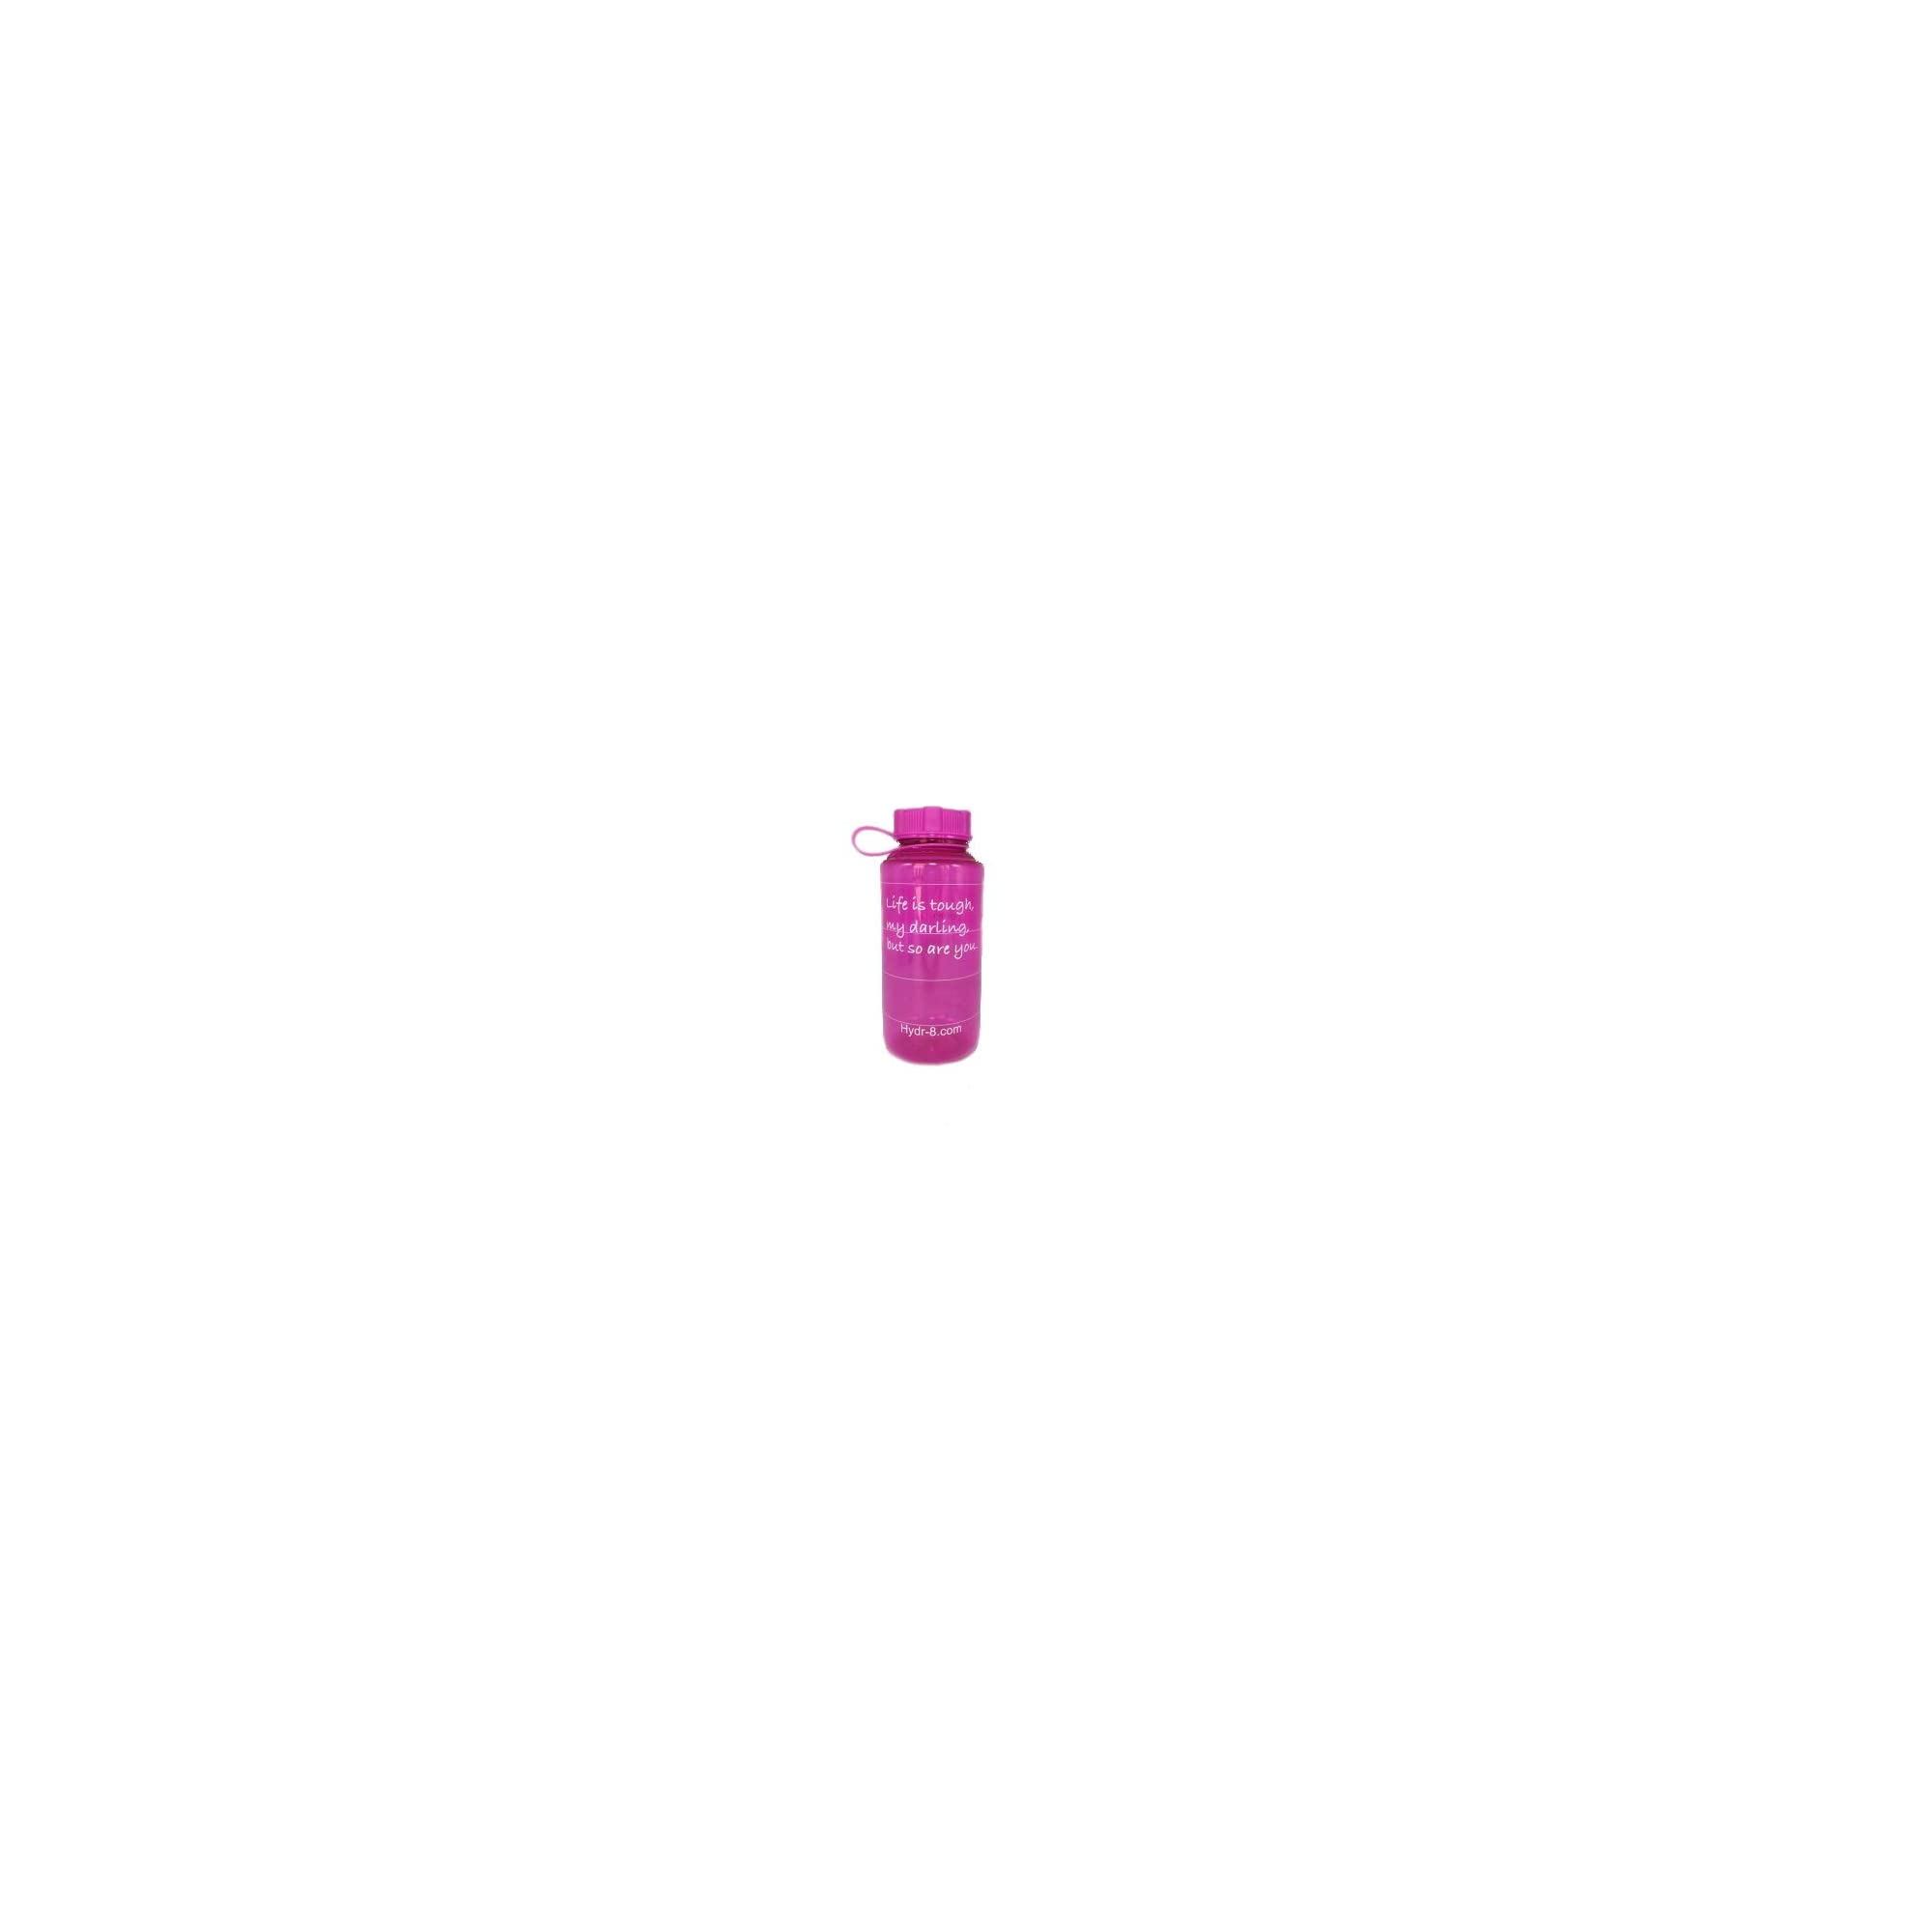 e81c7831e1 (PINK) Hydr-8 Sports Water Bottle 1000mL Tritan BPA Free Plastic 32oz